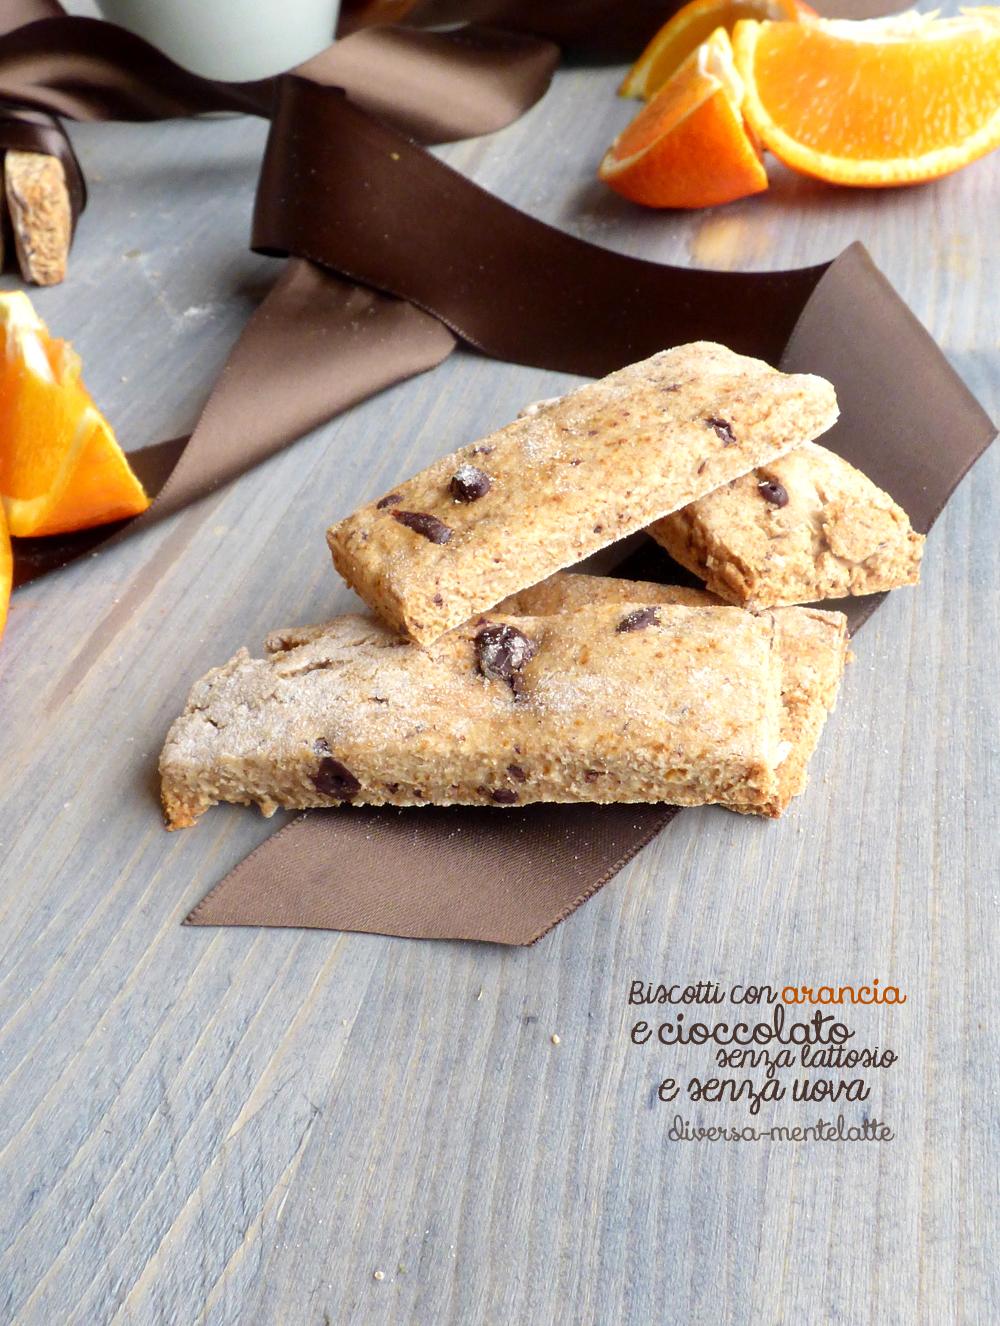 Biscotti con arancia dairy free